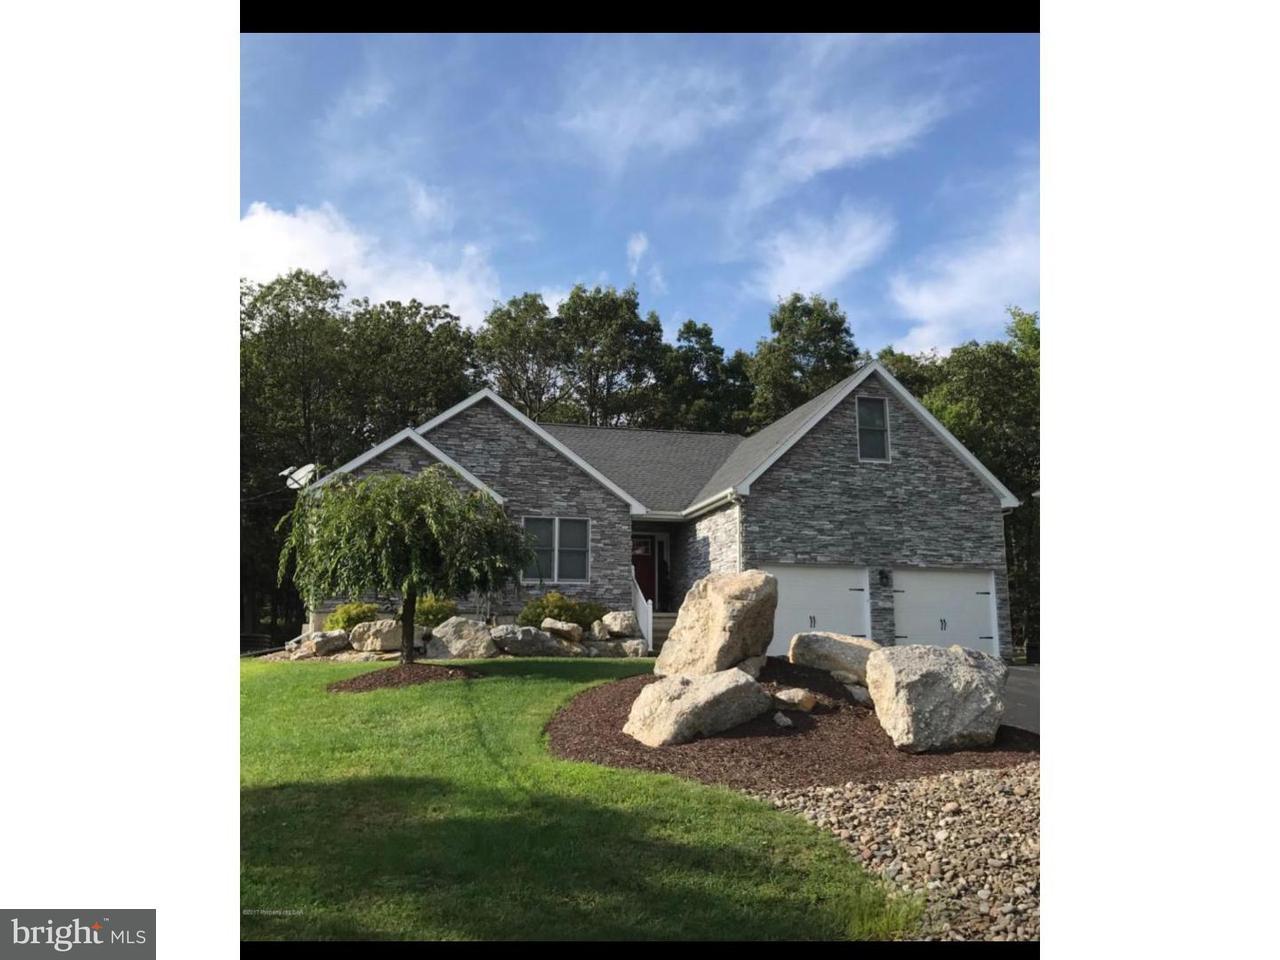 Частный односемейный дом для того Продажа на 48 TURNBERRY Lane Hazle Township, Пенсильвания 18202 Соединенные Штаты